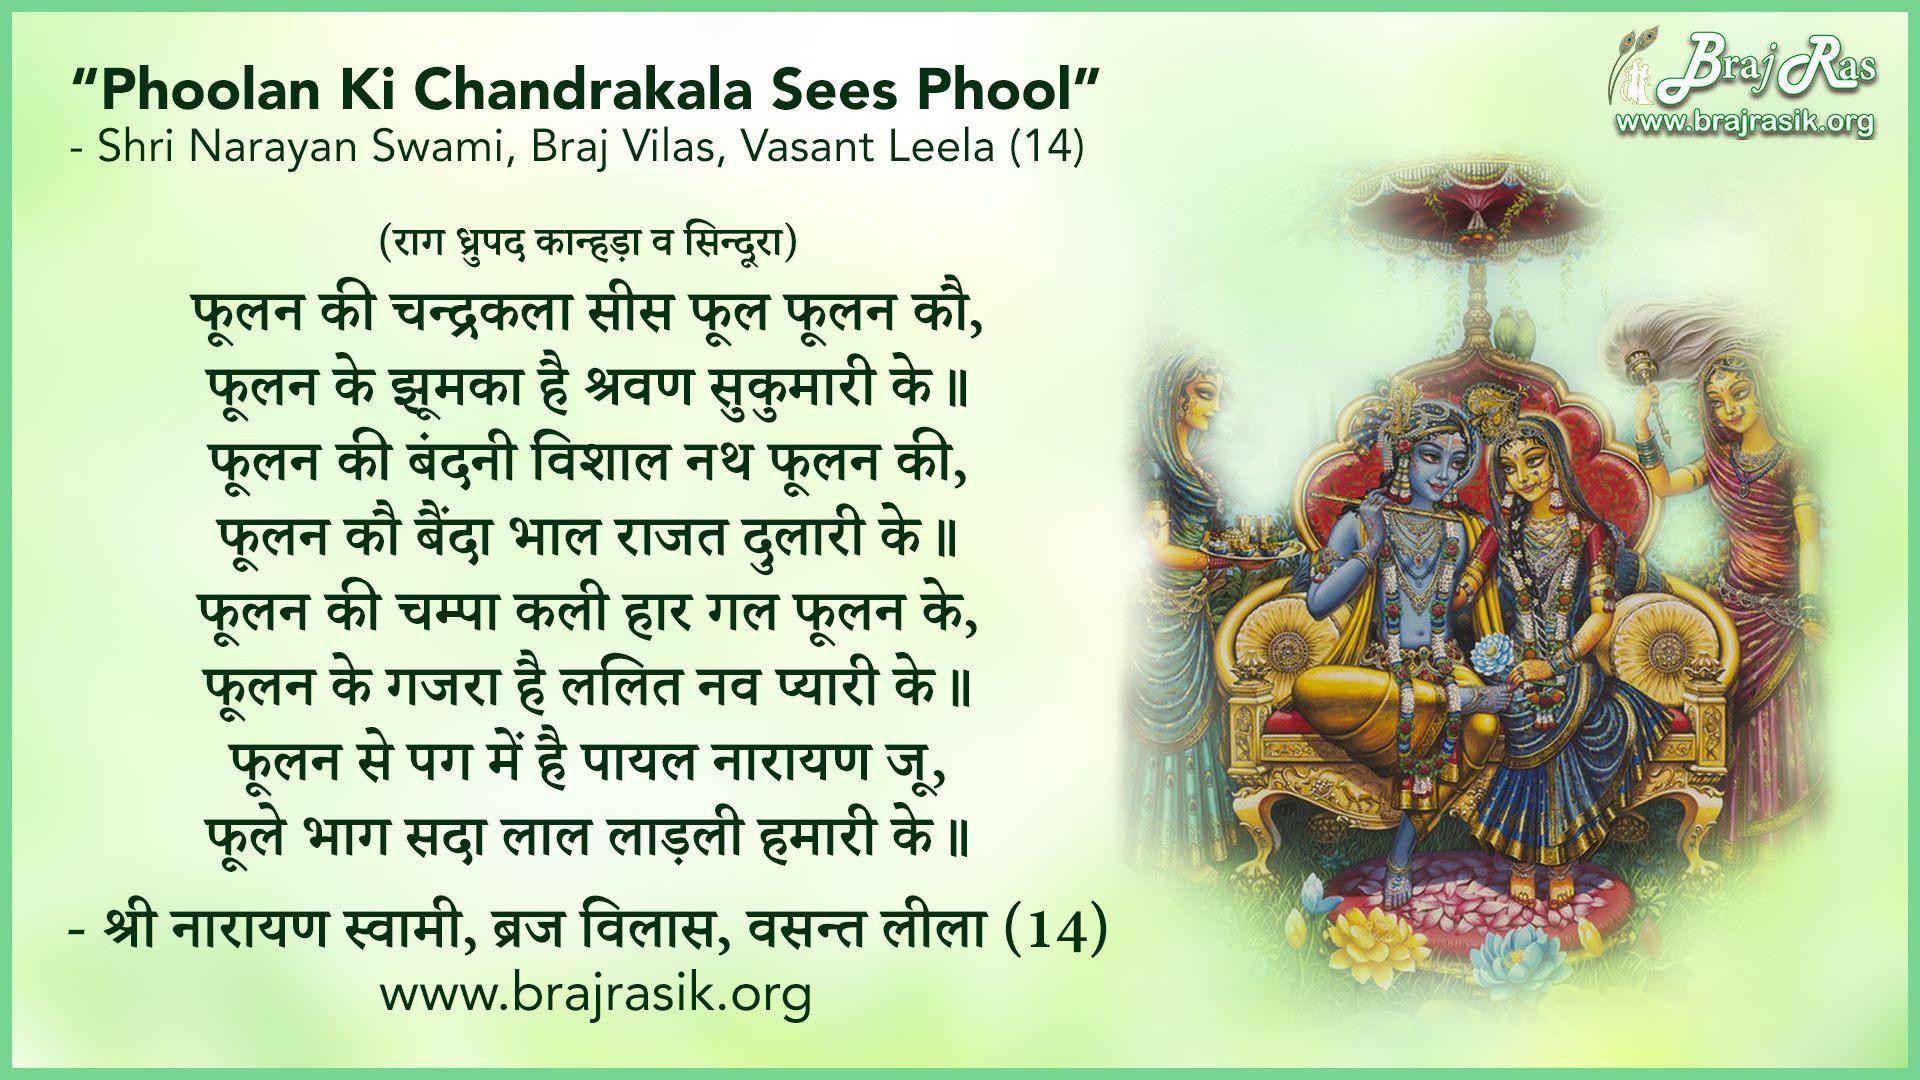 Phoolan Ki Chandrakala Sees Phool - Shri Narayan Swami, Braj Vilas, Vasant Leela (14)